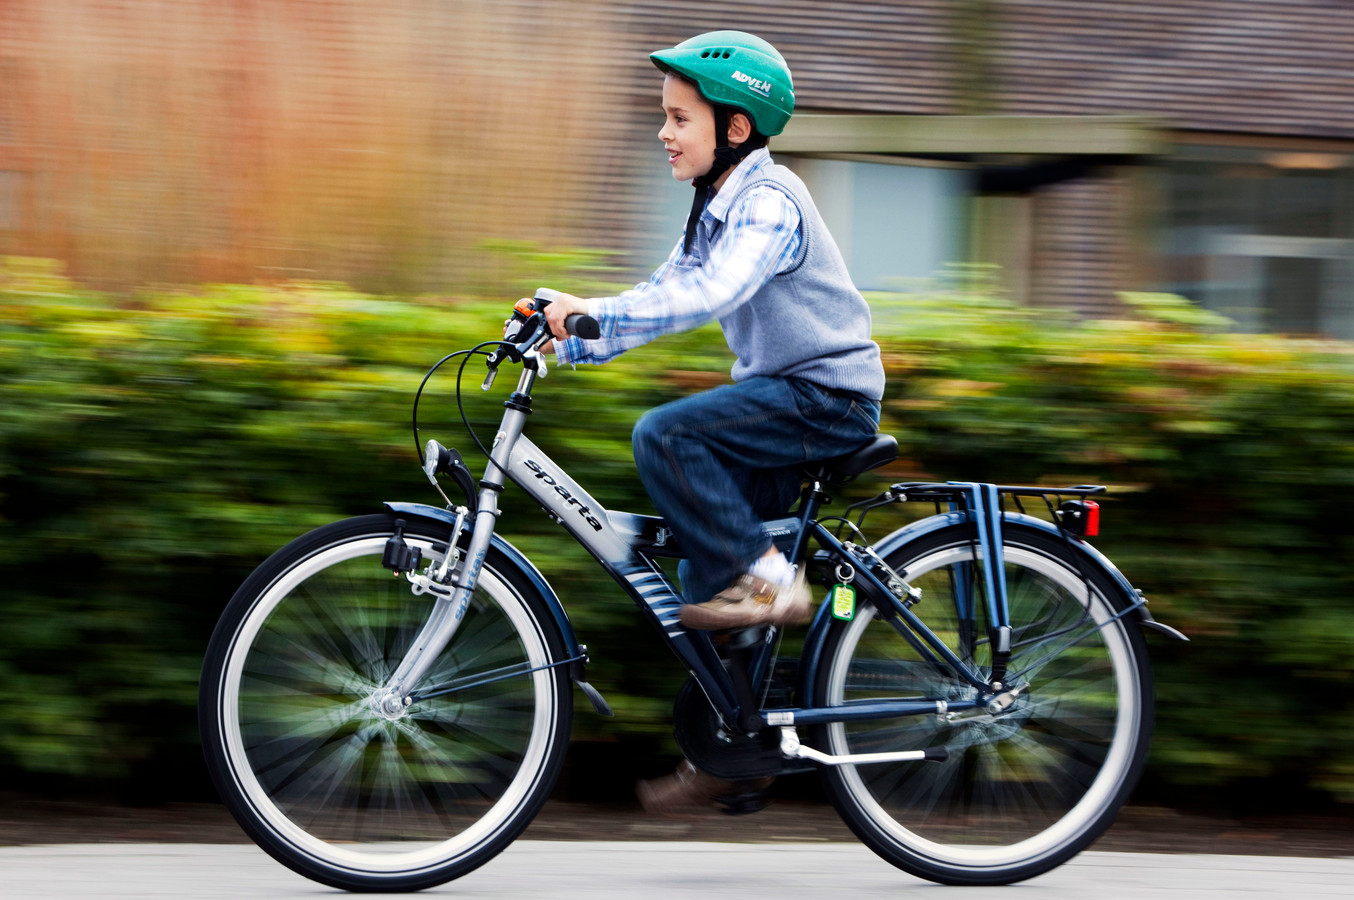 Kinderen uit arme gezinnen kunnen in de gemeente Rucphen eenmalig een fiets krijgen.